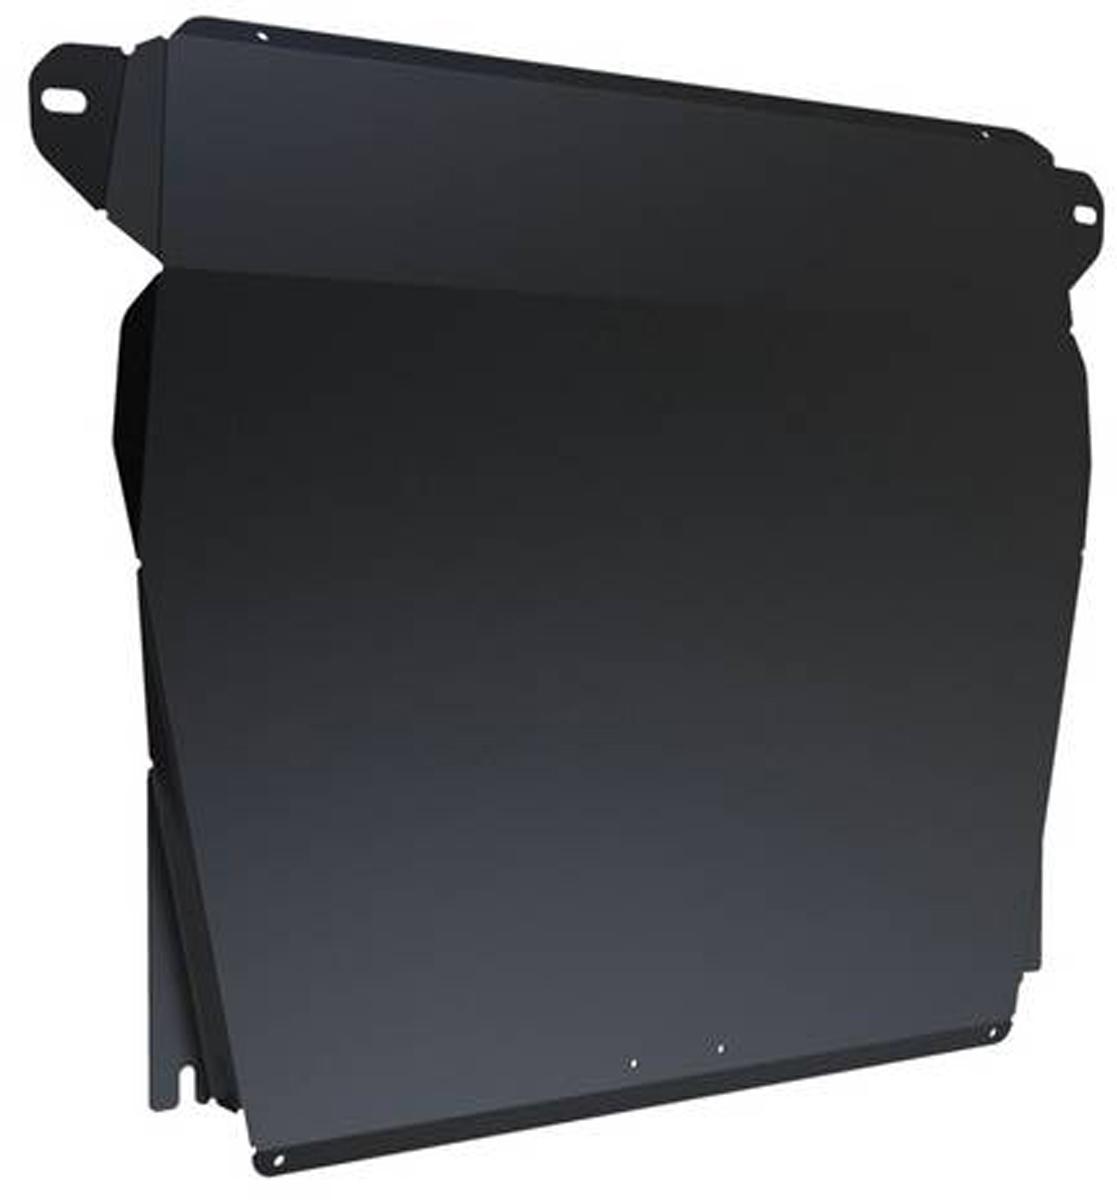 Защита картера и КПП Автоброня Honda Civic 2012-, сталь 2 мм111.02122.1Защита картера и КПП Автоброня Honda Civic 5D, V - 1,8 2012-, сталь 2 мм, комплект крепежа, 111.02122.1Стальные защиты Автоброня надежно защищают ваш автомобиль от повреждений при наезде на бордюры, выступающие канализационные люки, кромки поврежденного асфальта или при ремонте дорог, не говоря уже о загородных дорогах. - Имеют оптимальное соотношение цена-качество. - Спроектированы с учетом особенностей автомобиля, что делает установку удобной. - Защита устанавливается в штатные места кузова автомобиля. - Является надежной защитой для важных элементов на протяжении долгих лет. - Глубокий штамп дополнительно усиливает конструкцию защиты. - Подштамповка в местах крепления защищает крепеж от срезания. - Технологические отверстия там, где они необходимы для смены масла и слива воды, оборудованные заглушками, закрепленными на защите. Толщина стали 2 мм. В комплекте крепеж и инструкция по установке.Уважаемые клиенты! Обращаем ваше внимание на тот факт, что защита имеет форму, соответствующую модели данного автомобиля. Наличие глубокого штампа и лючков для смены фильтров/масла предусмотрено не на всех защитах. Фото служит для визуального восприятия товара.